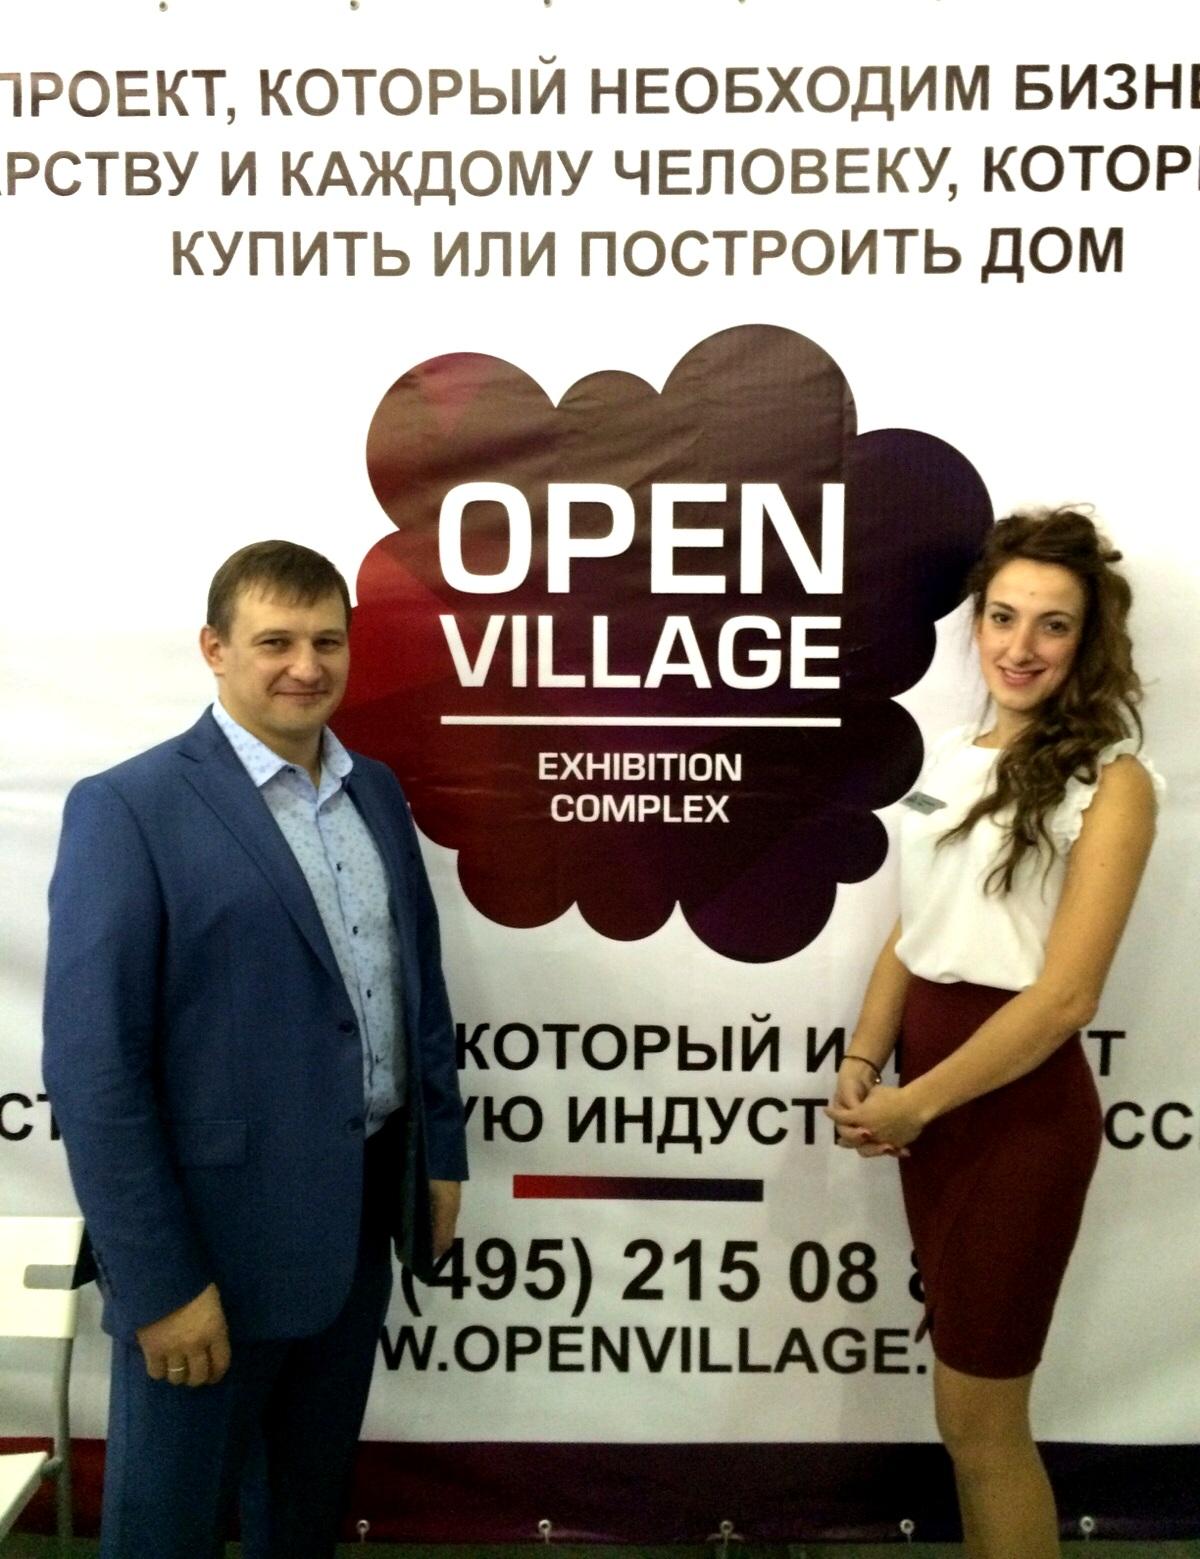 """Проект """"Open Village"""" встреча собственников и директоров строительных компаний."""